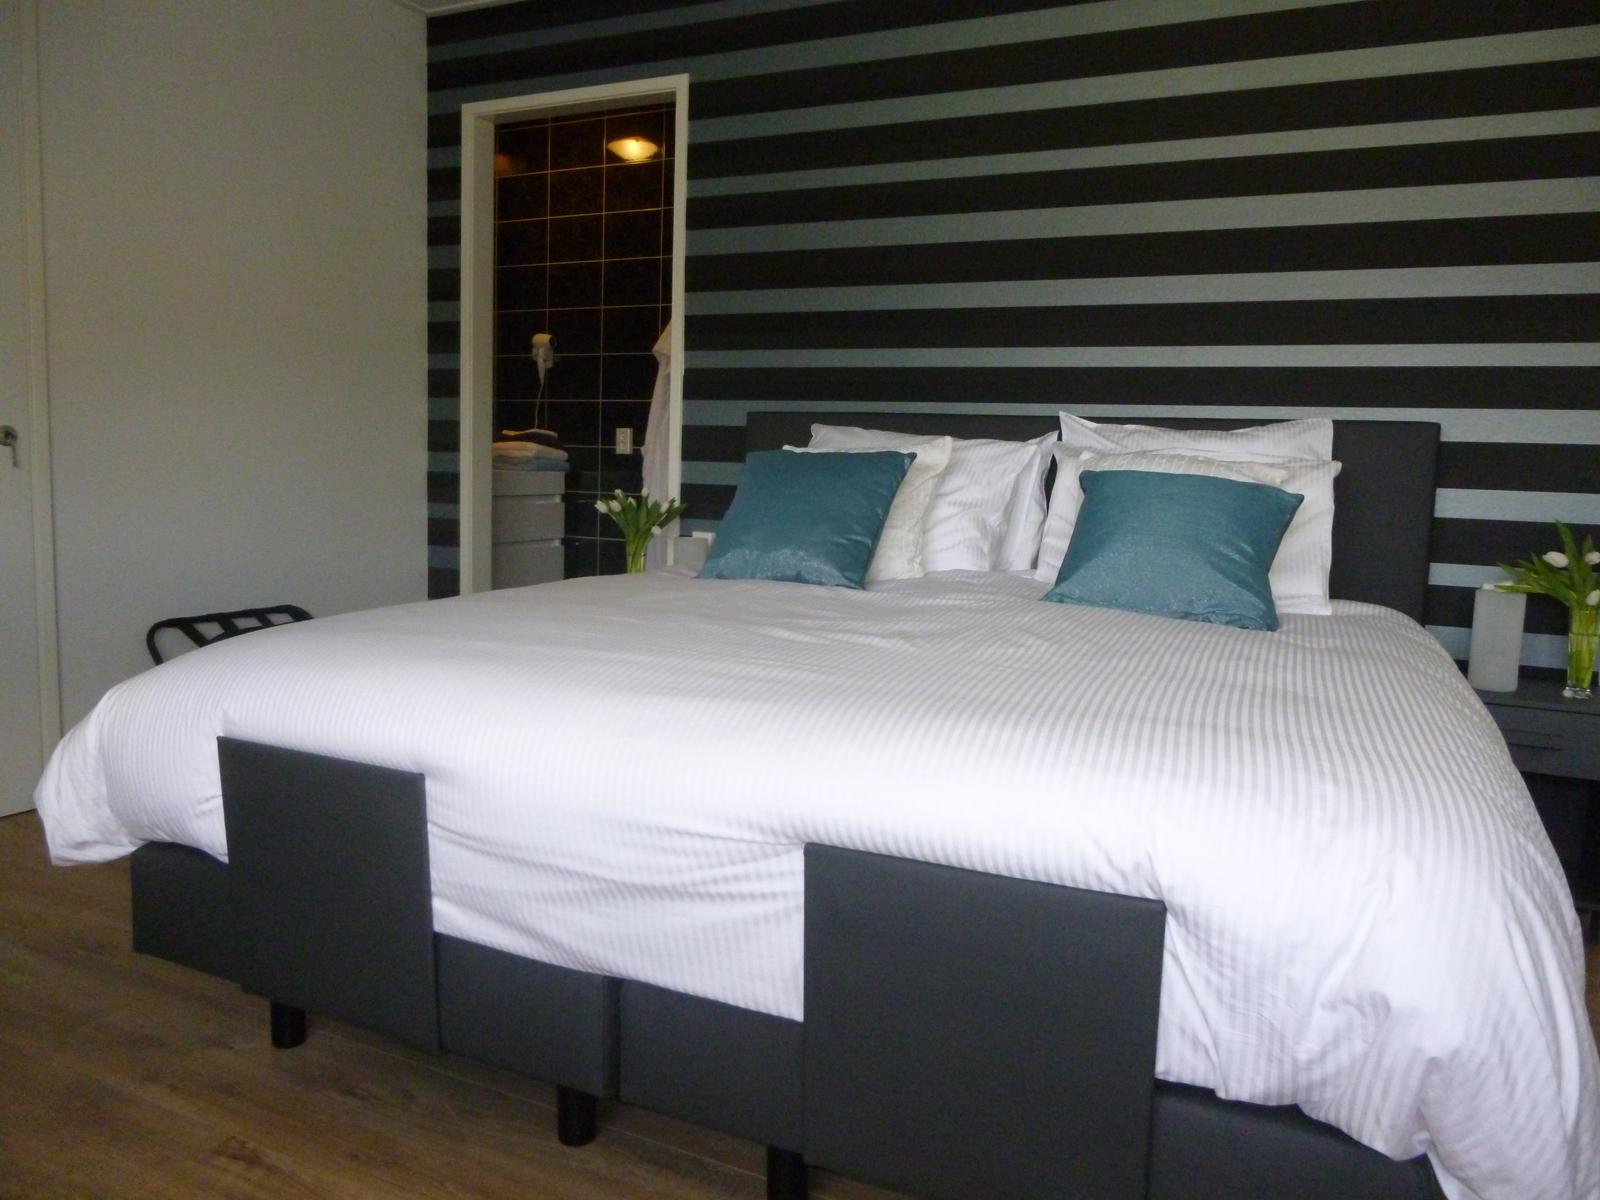 Kamer 1 de langenlee bed and breakfast zwolle - In een kamer ...